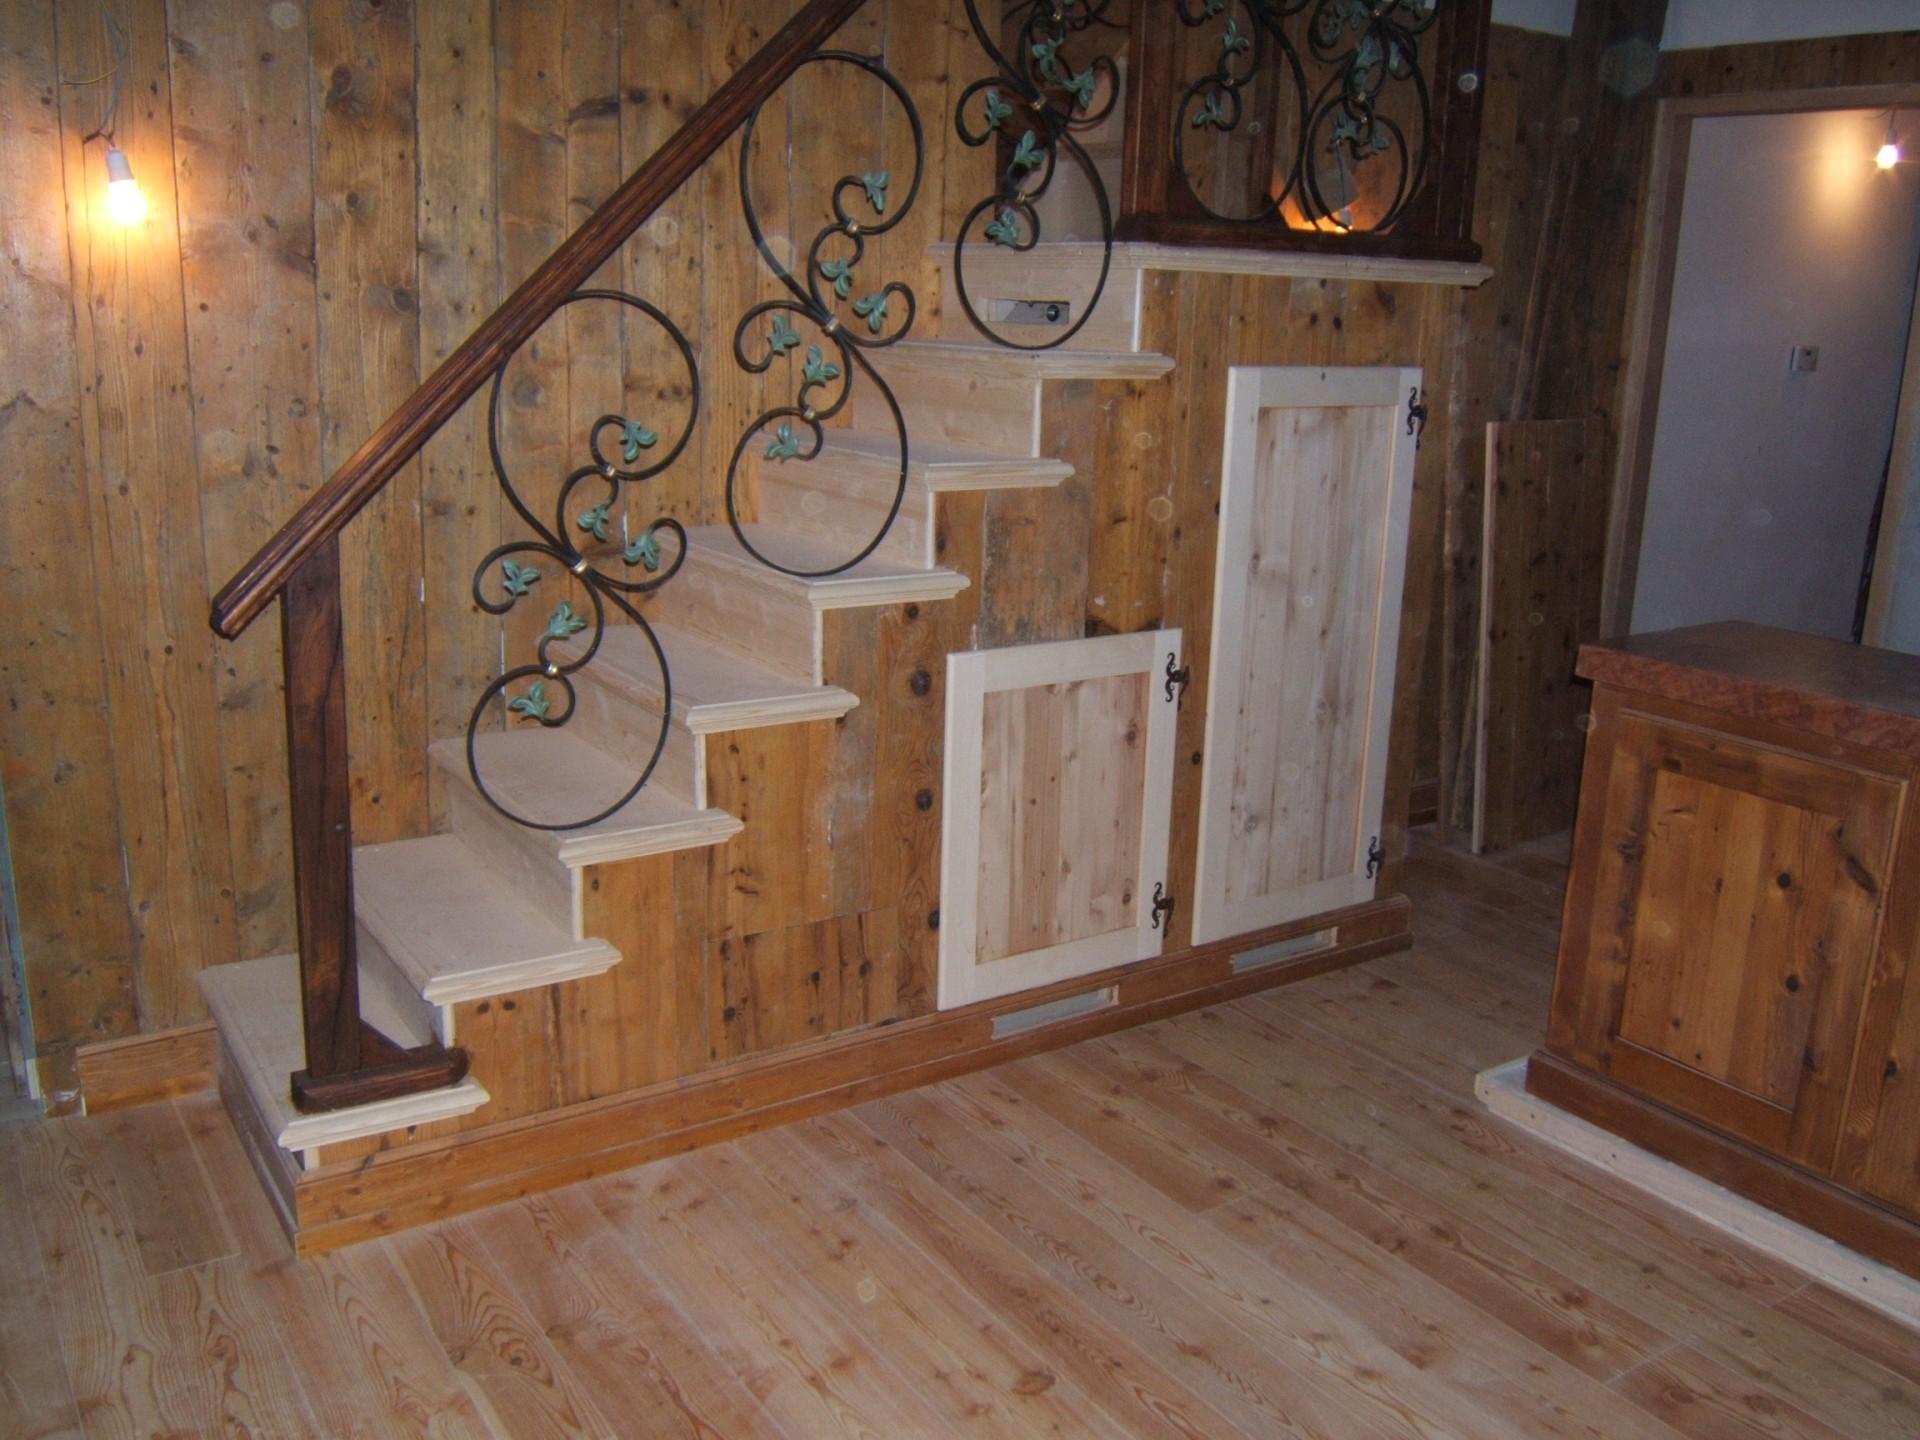 Mobili su misura fadini mobili cerea verona - Mobili sottoscala in legno ...